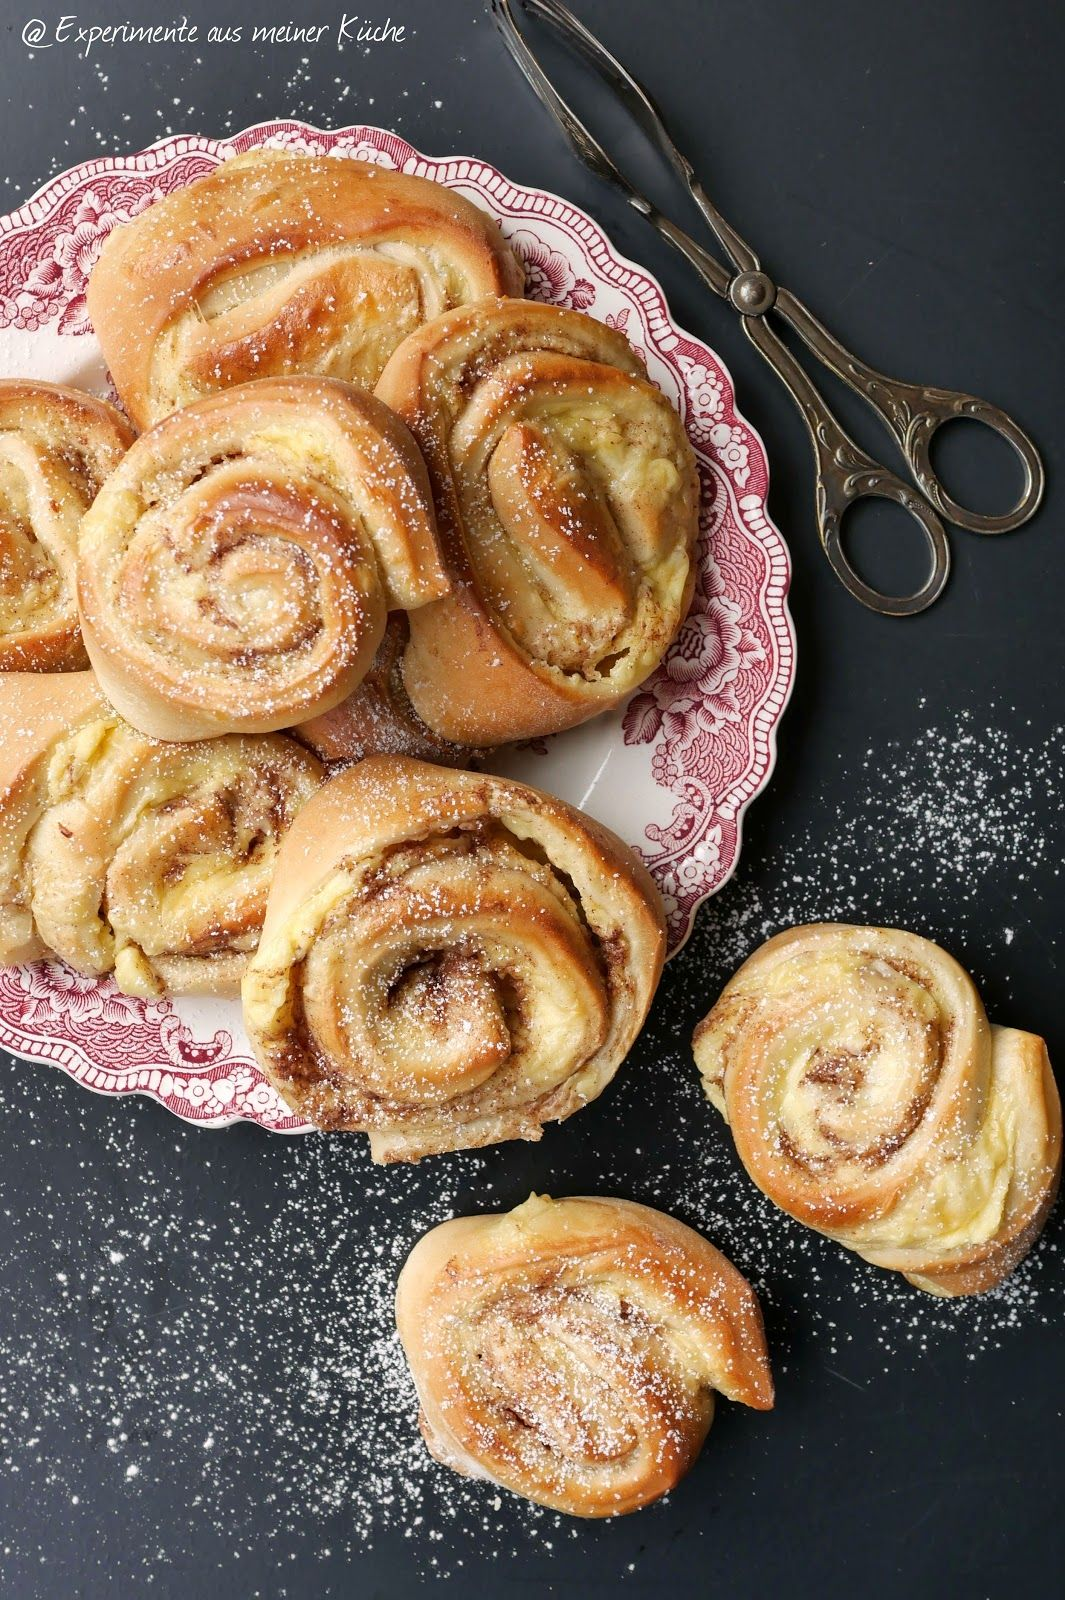 Hefeschnecken mit Puddingfüllung - Experimente aus meiner Küche #creamcheeserecipes